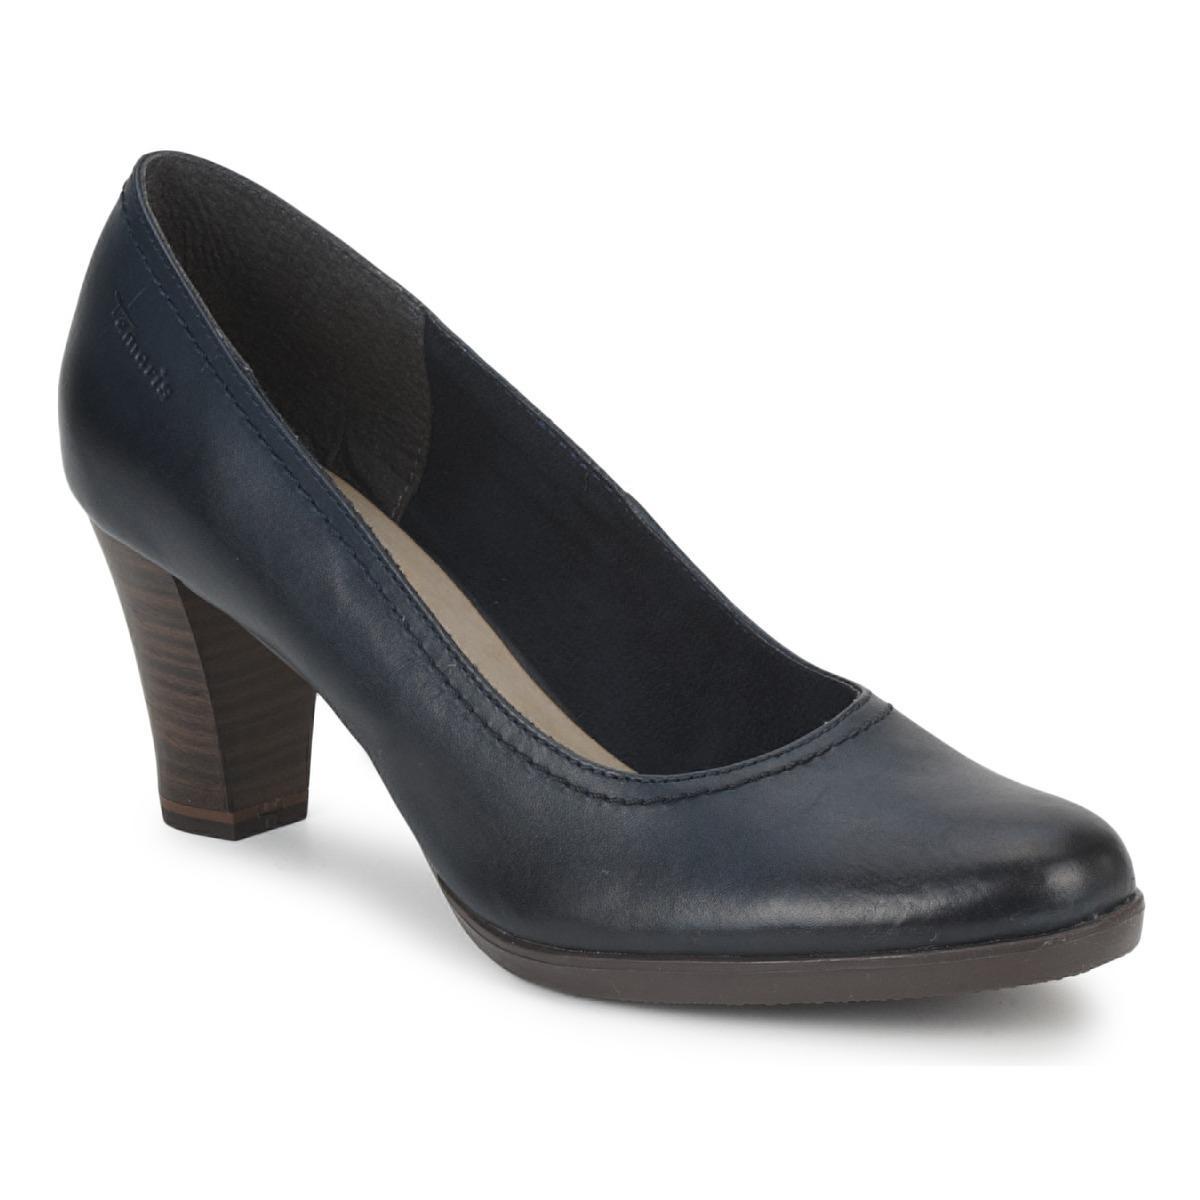 5b2894619da Tamaris Anina Women s Court Shoes In Blue in Blue - Lyst